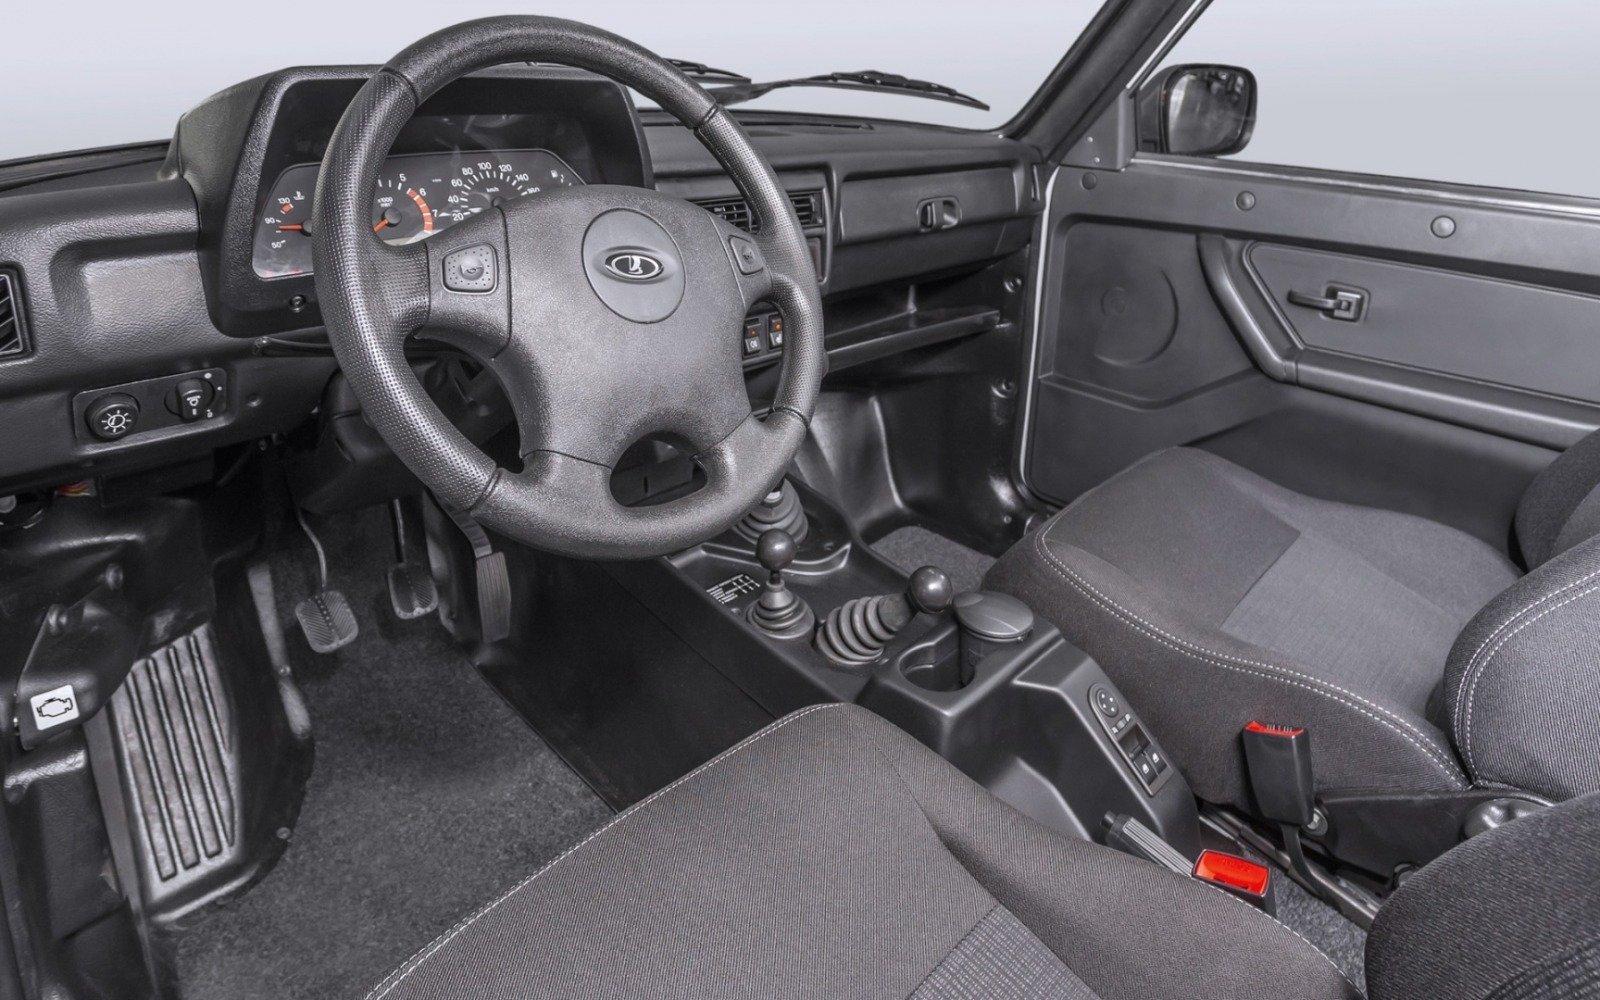 Lada 4x4 3dv. Urban